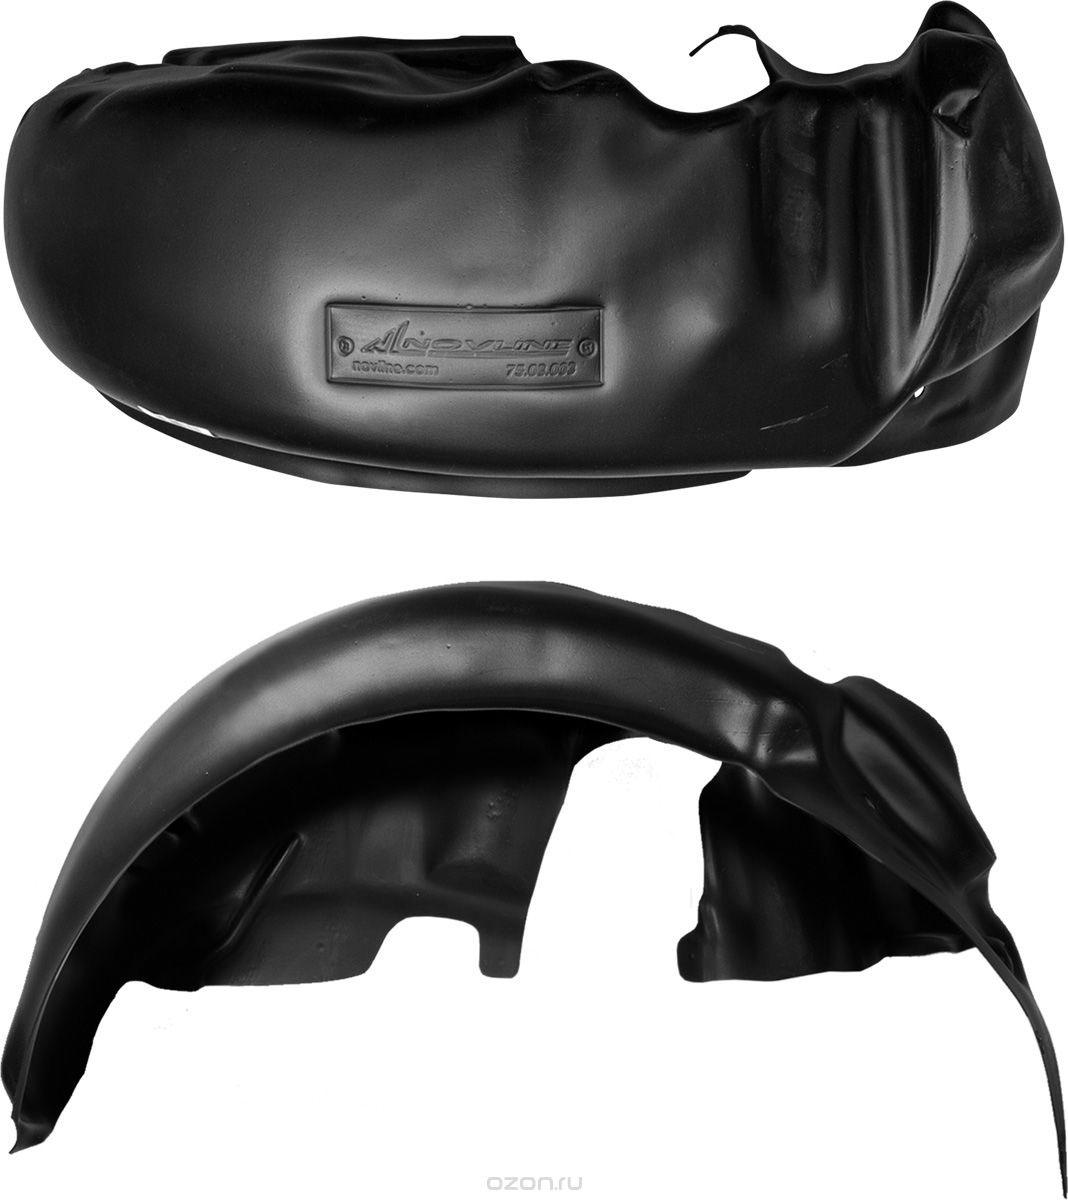 Подкрылок Novline-Autofamily, для КIА Sportage, 2016->, кроссовер, передний левыйNLL.25.44.001Идеальная защита колесной ниши. Локеры разработаны с применением цифровых технологий, гарантируют максимальную повторяемость поверхности арки. Изделия устанавливаются без нарушения лакокрасочного покрытия автомобиля, каждый подкрылок комплектуется крепежом. Уважаемые клиенты, обращаем ваше внимание, что фотографии на подкрылки универсальные и не отражают реальную форму изделия. При этом само изделие идет точно под размер указанного автомобиля.